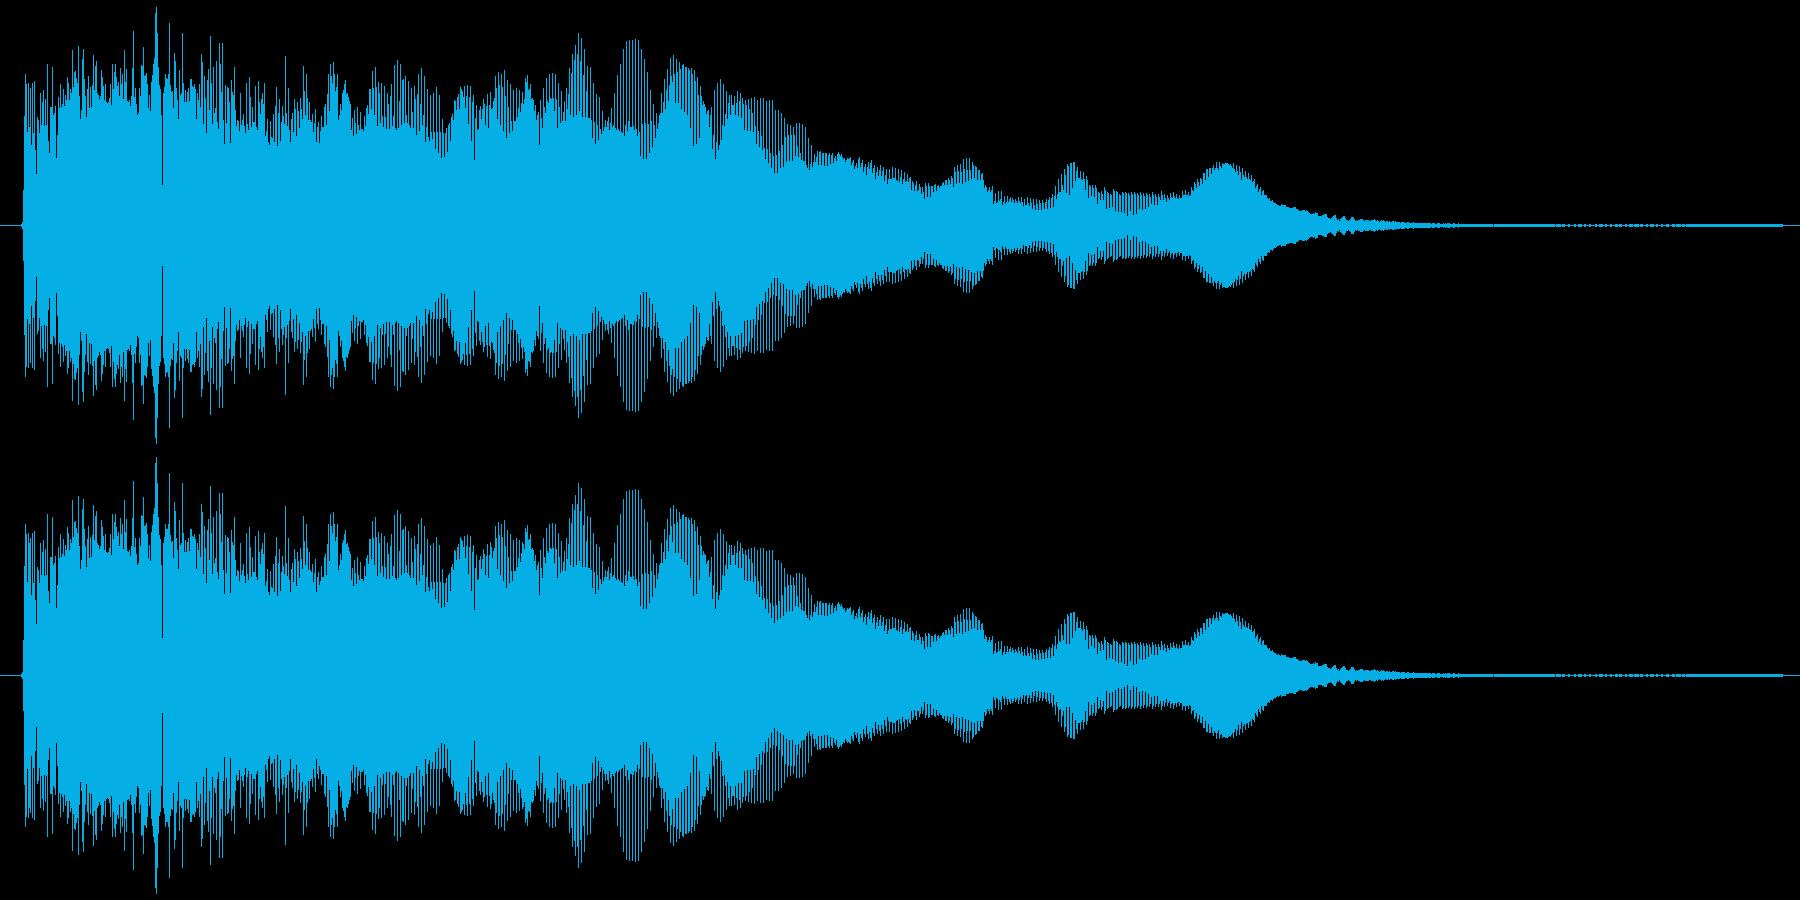 ウィーウィーン(電子音)の再生済みの波形